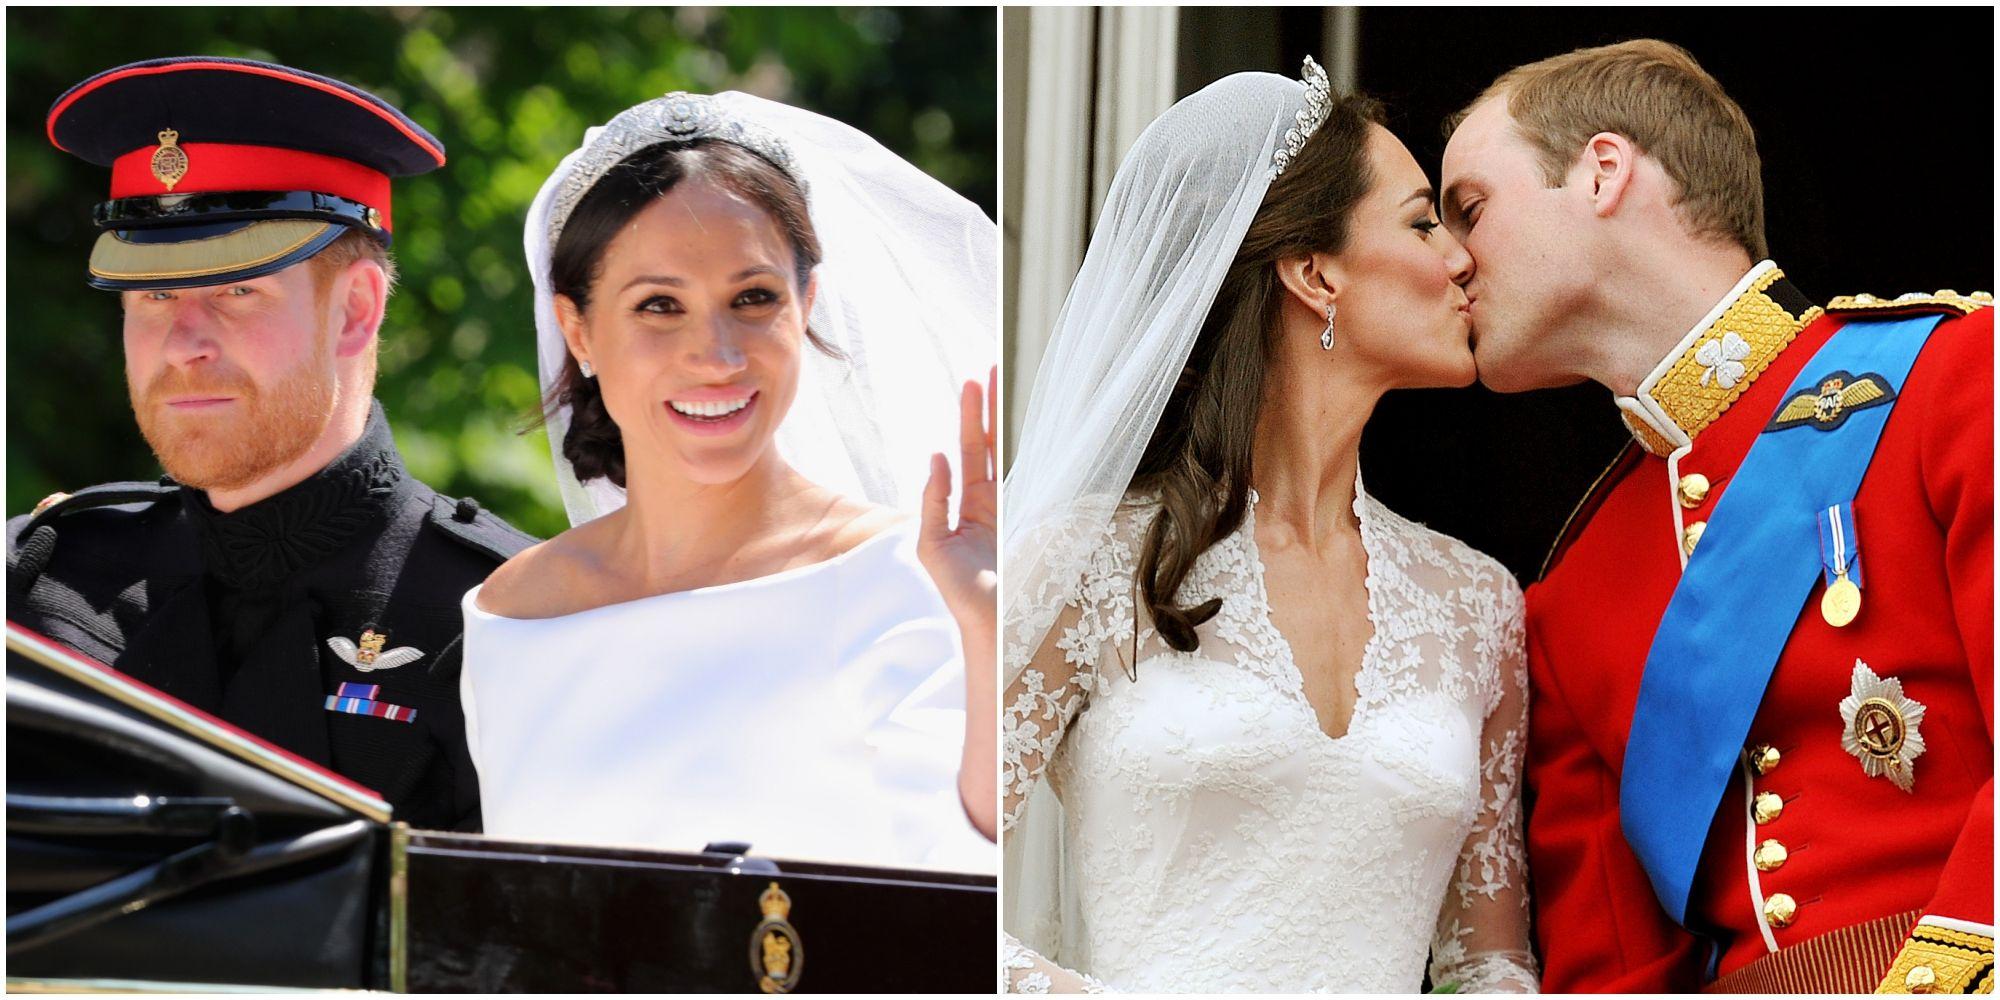 哈利王子,梅根,奢華,凱特王妃�,花費,皇室,婚禮,亮點,比較